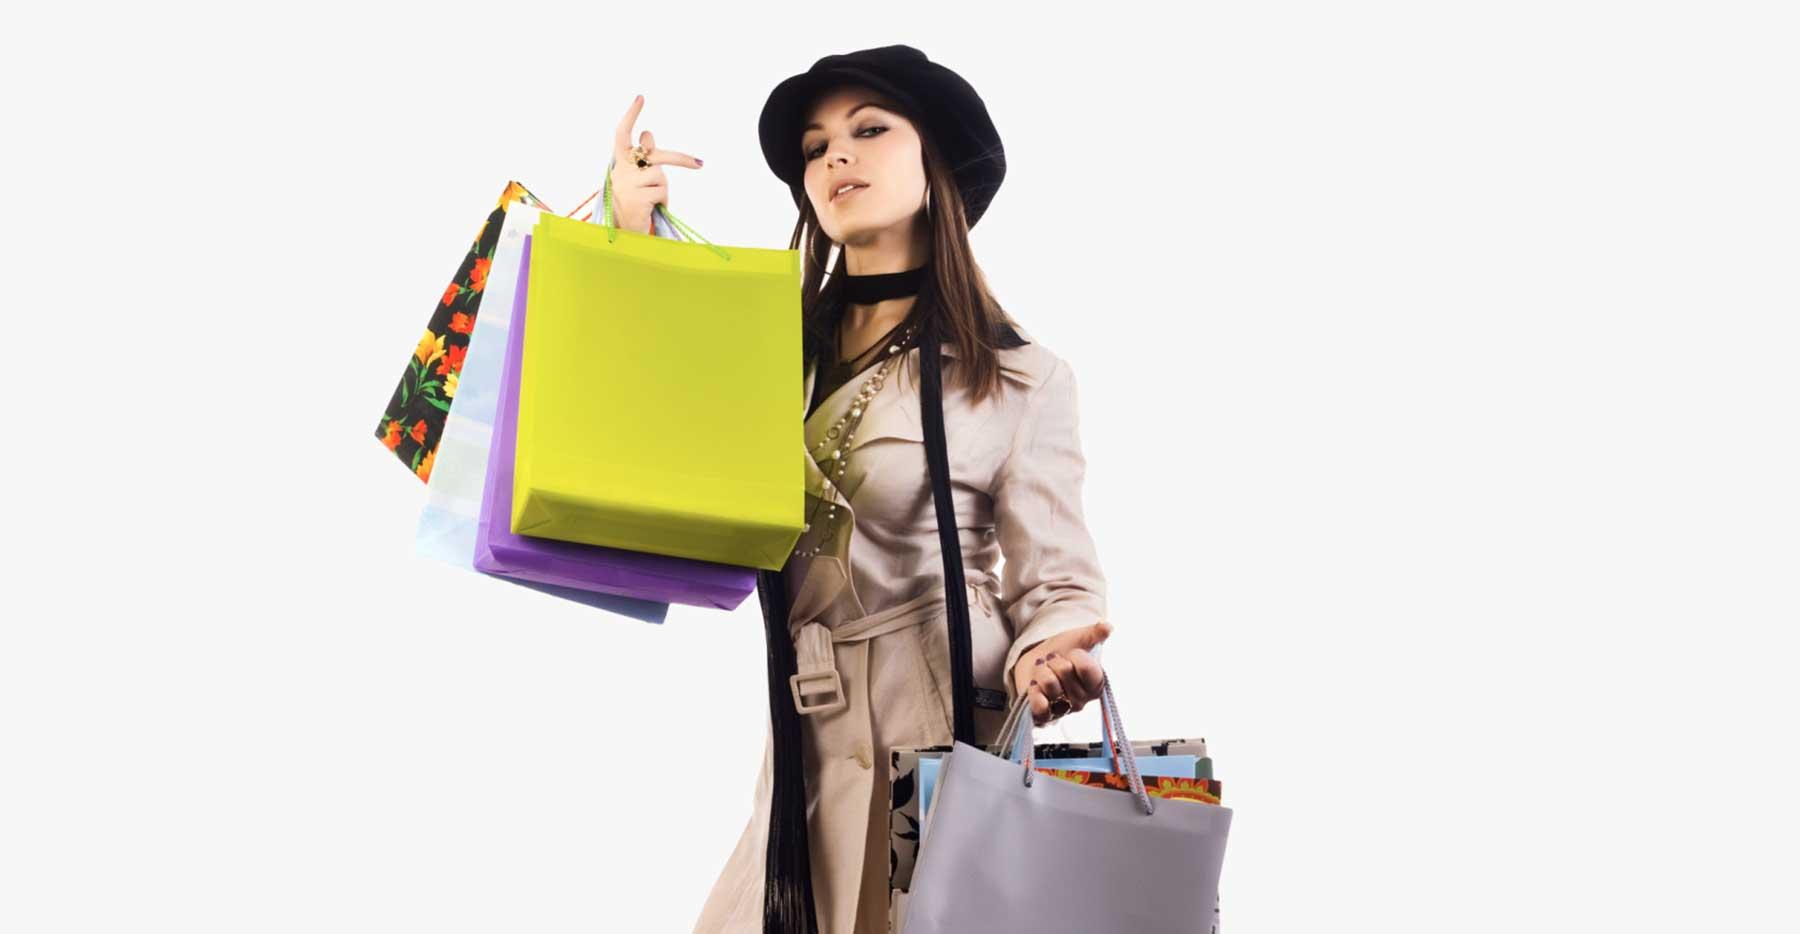 خریدهای نوروزی - کیف چرم - شیک پوشی